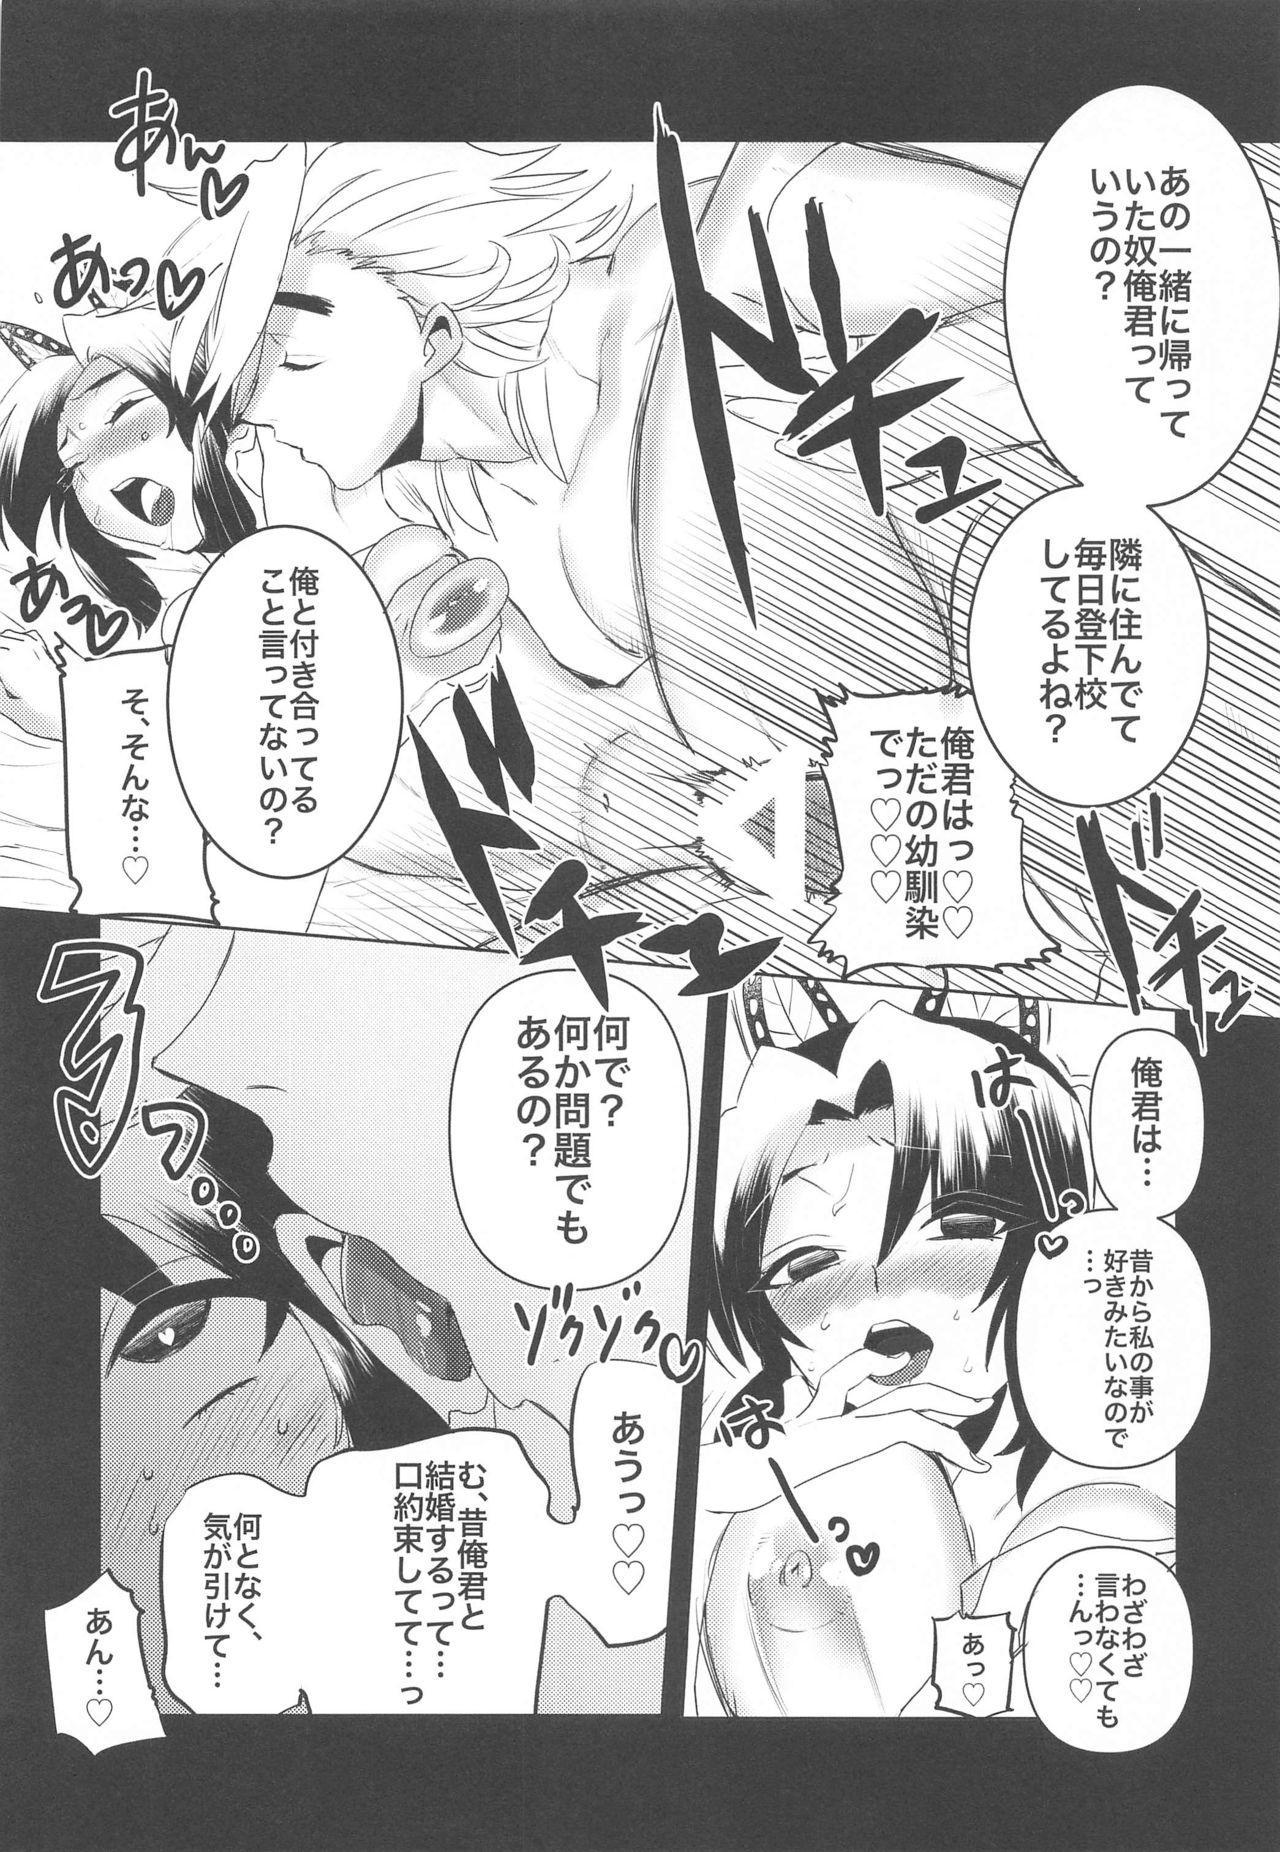 Watashi, Kono Hito ni Otosaremashita. 18